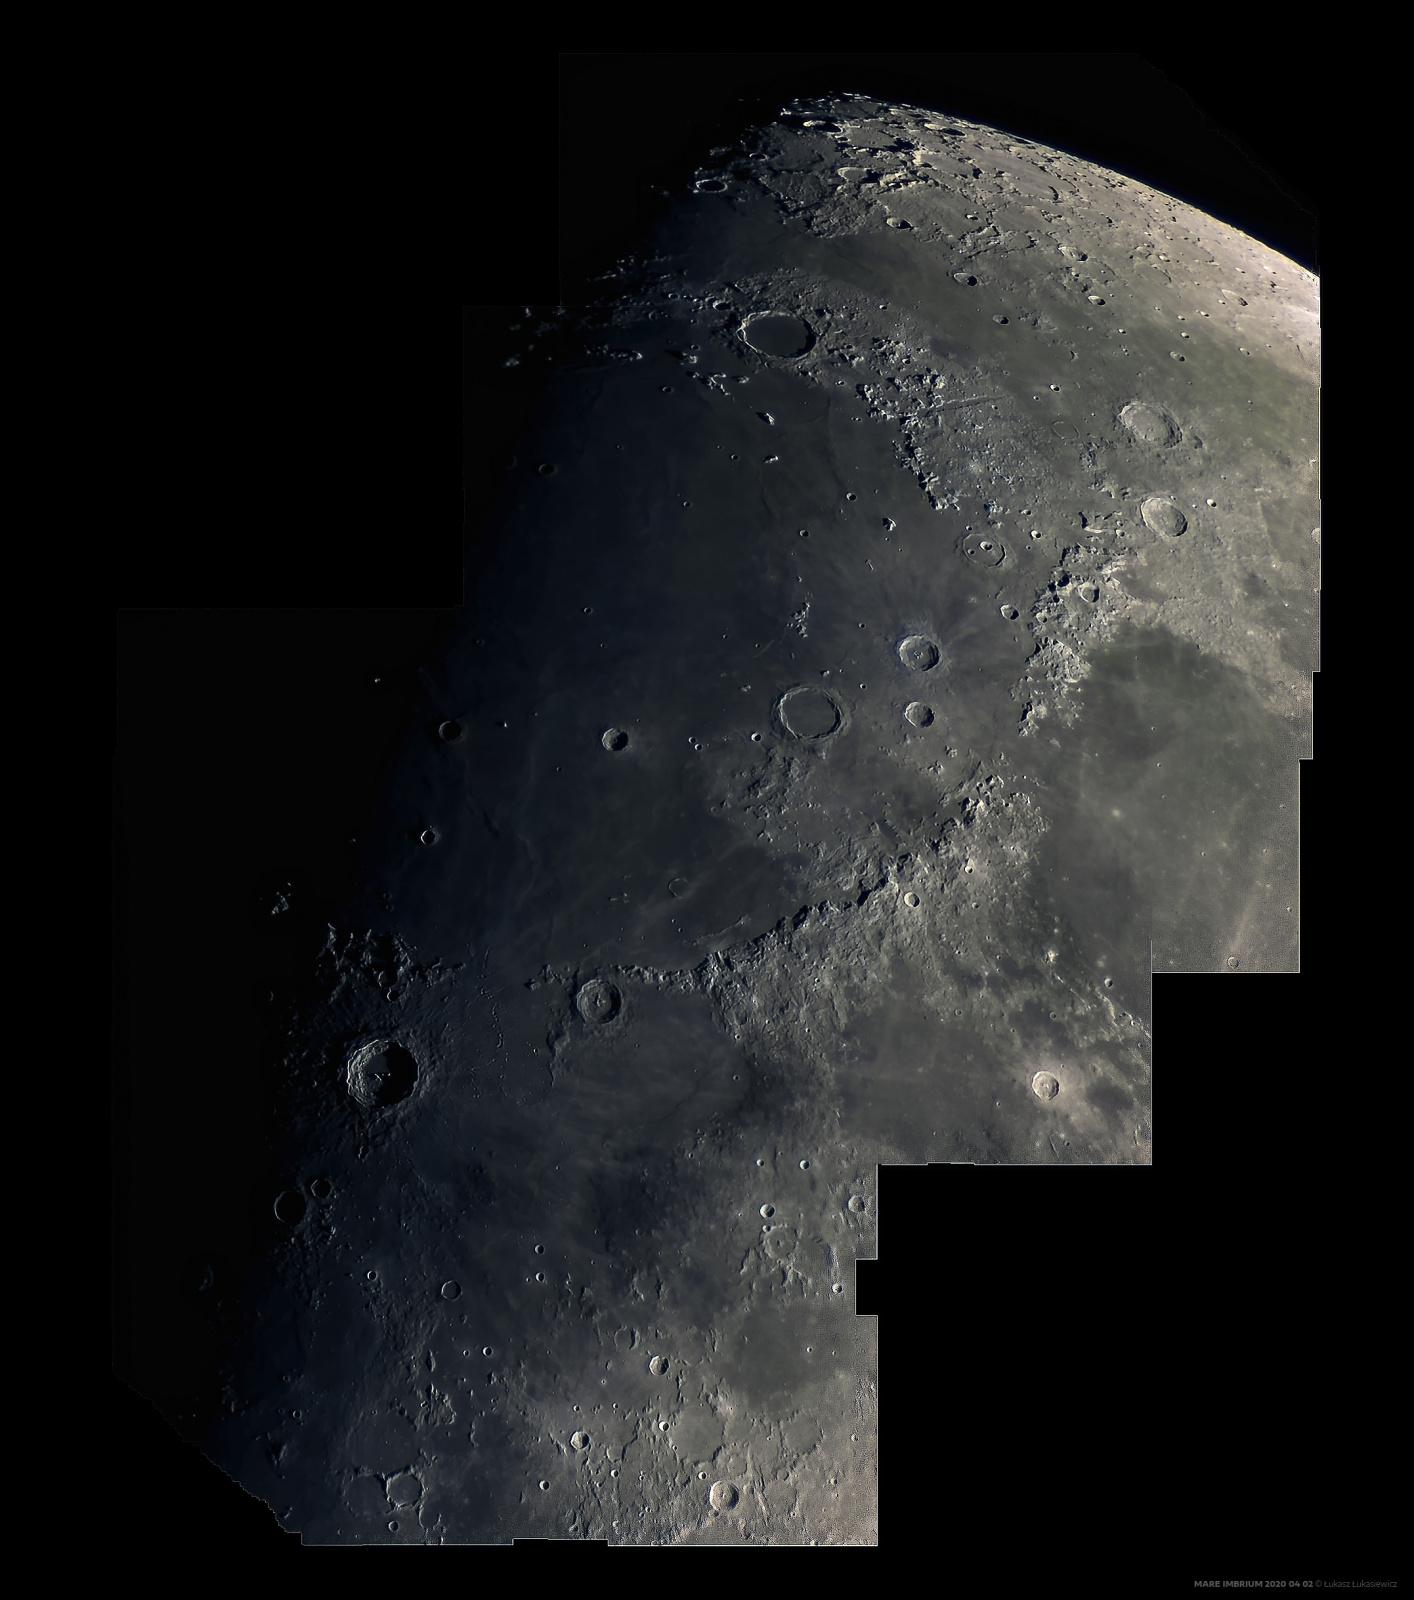 MARE-IMBRIUM-2020-04-02.jpg